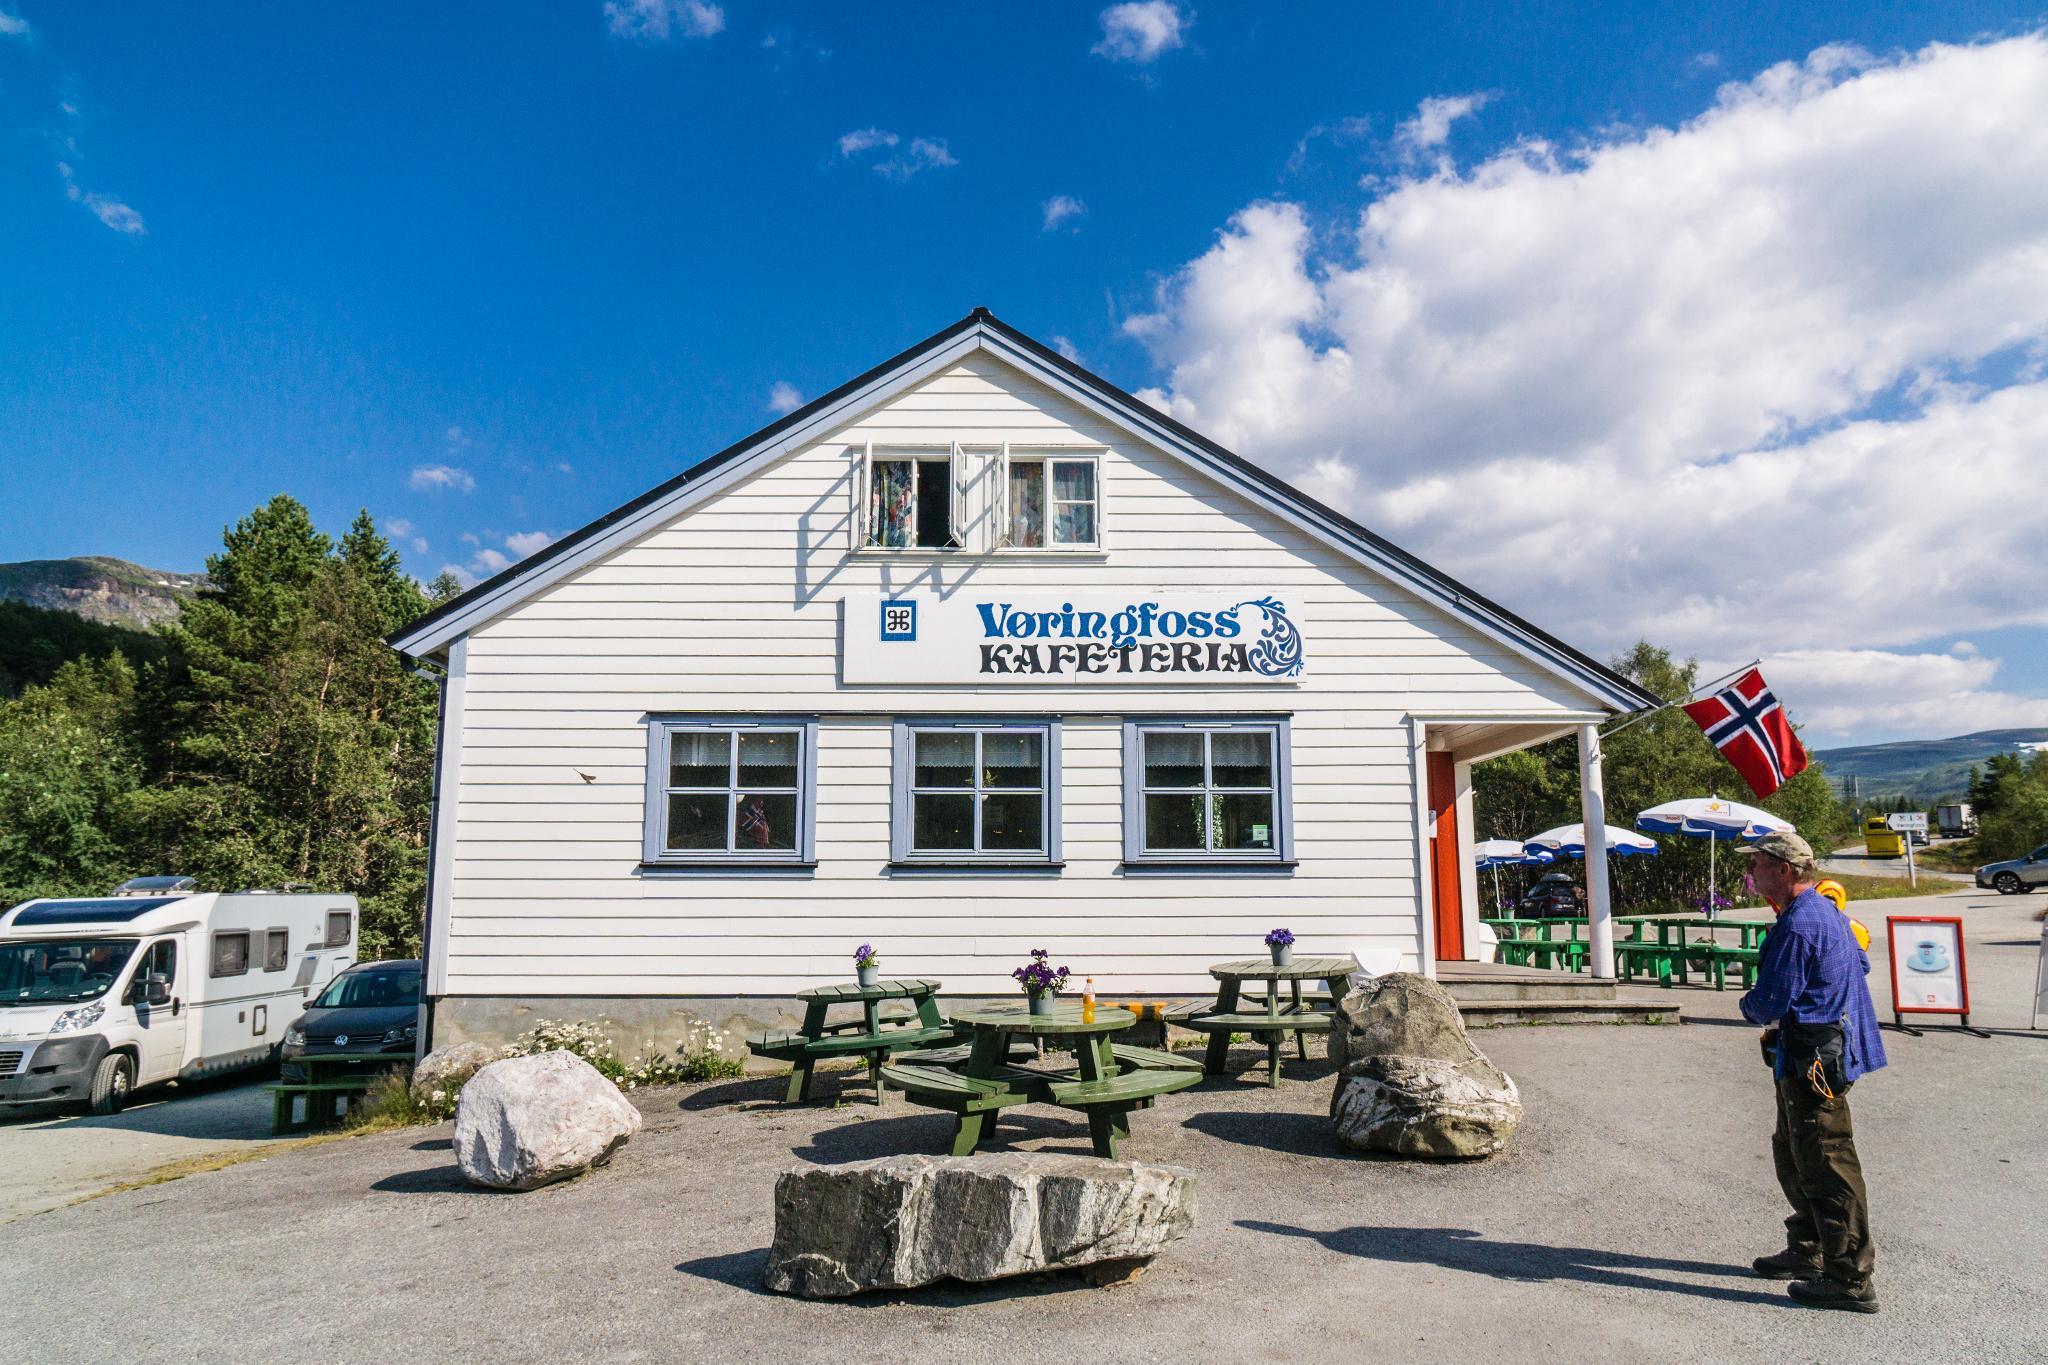 【北歐景點】哈丹格峽灣探秘:史詩般磅礴的菲爾鈴瀑布 Vøringfossen 26